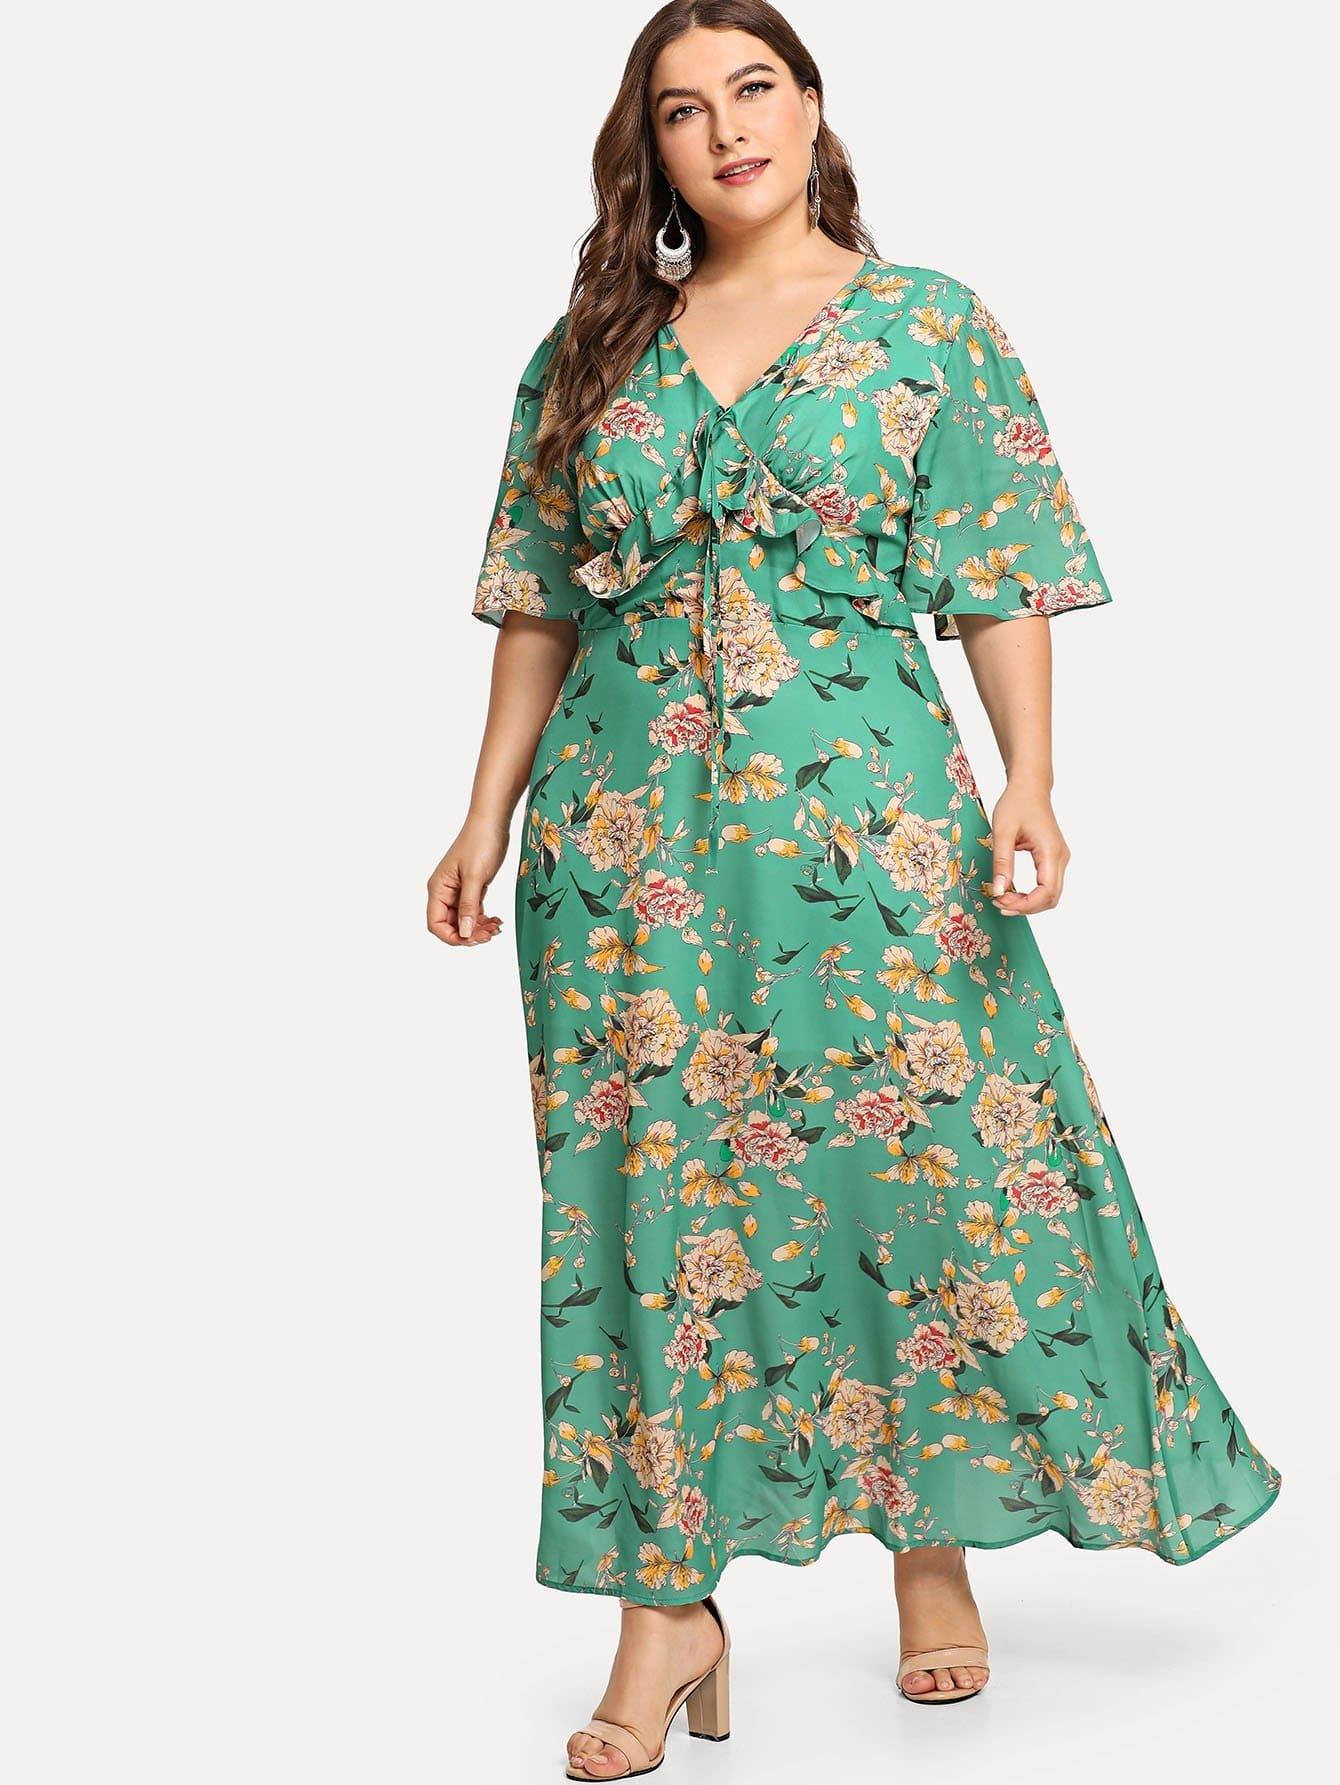 Купить Платье с принтом цветы с широкими рукавами, Franziska, SheIn